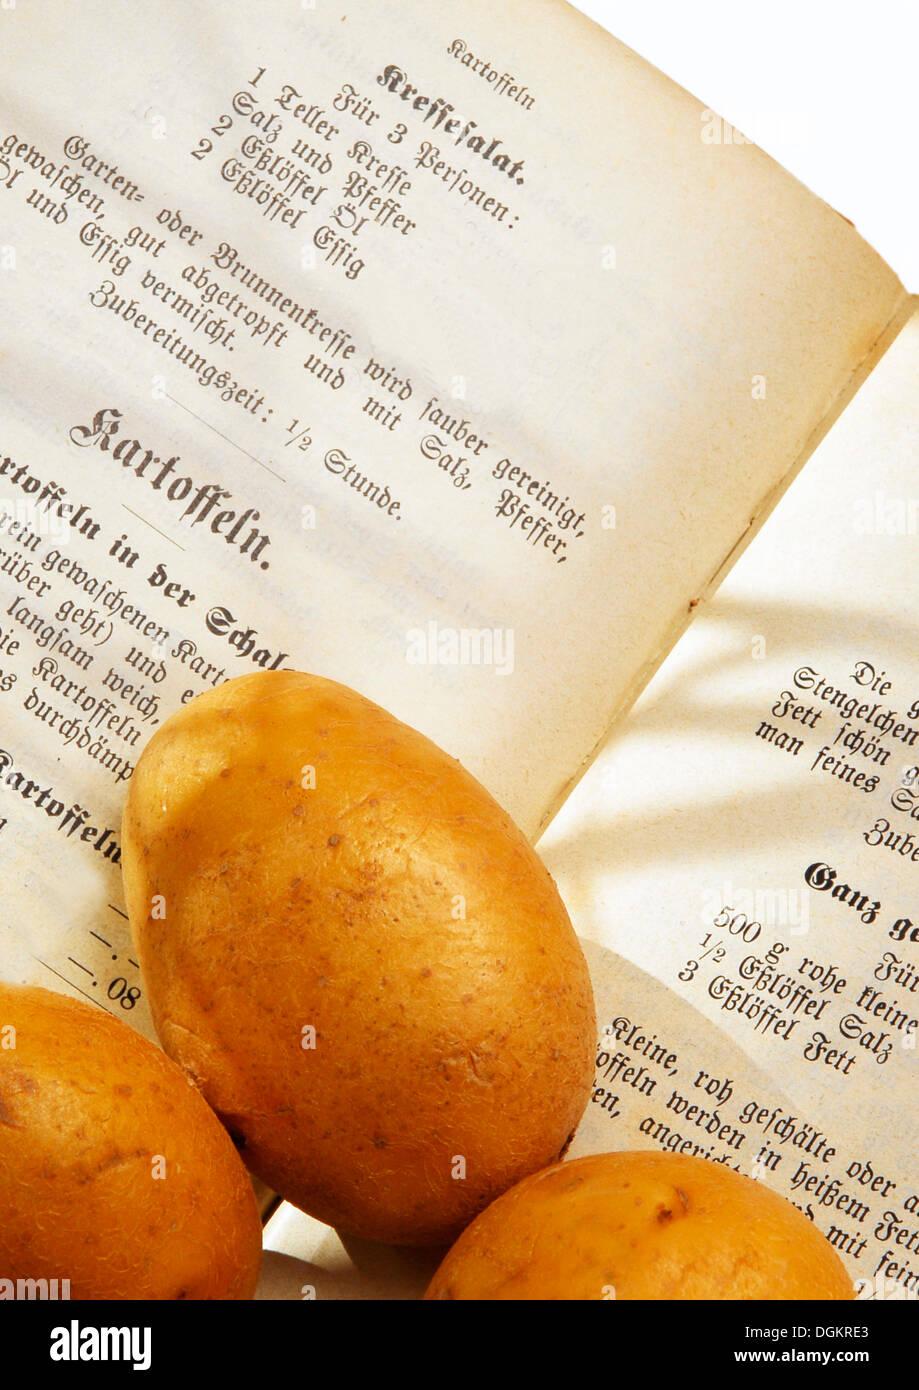 Historischen Kochbuch von 1916, mit Kartoffeln, Kartoffel-Rezepte Stockbild